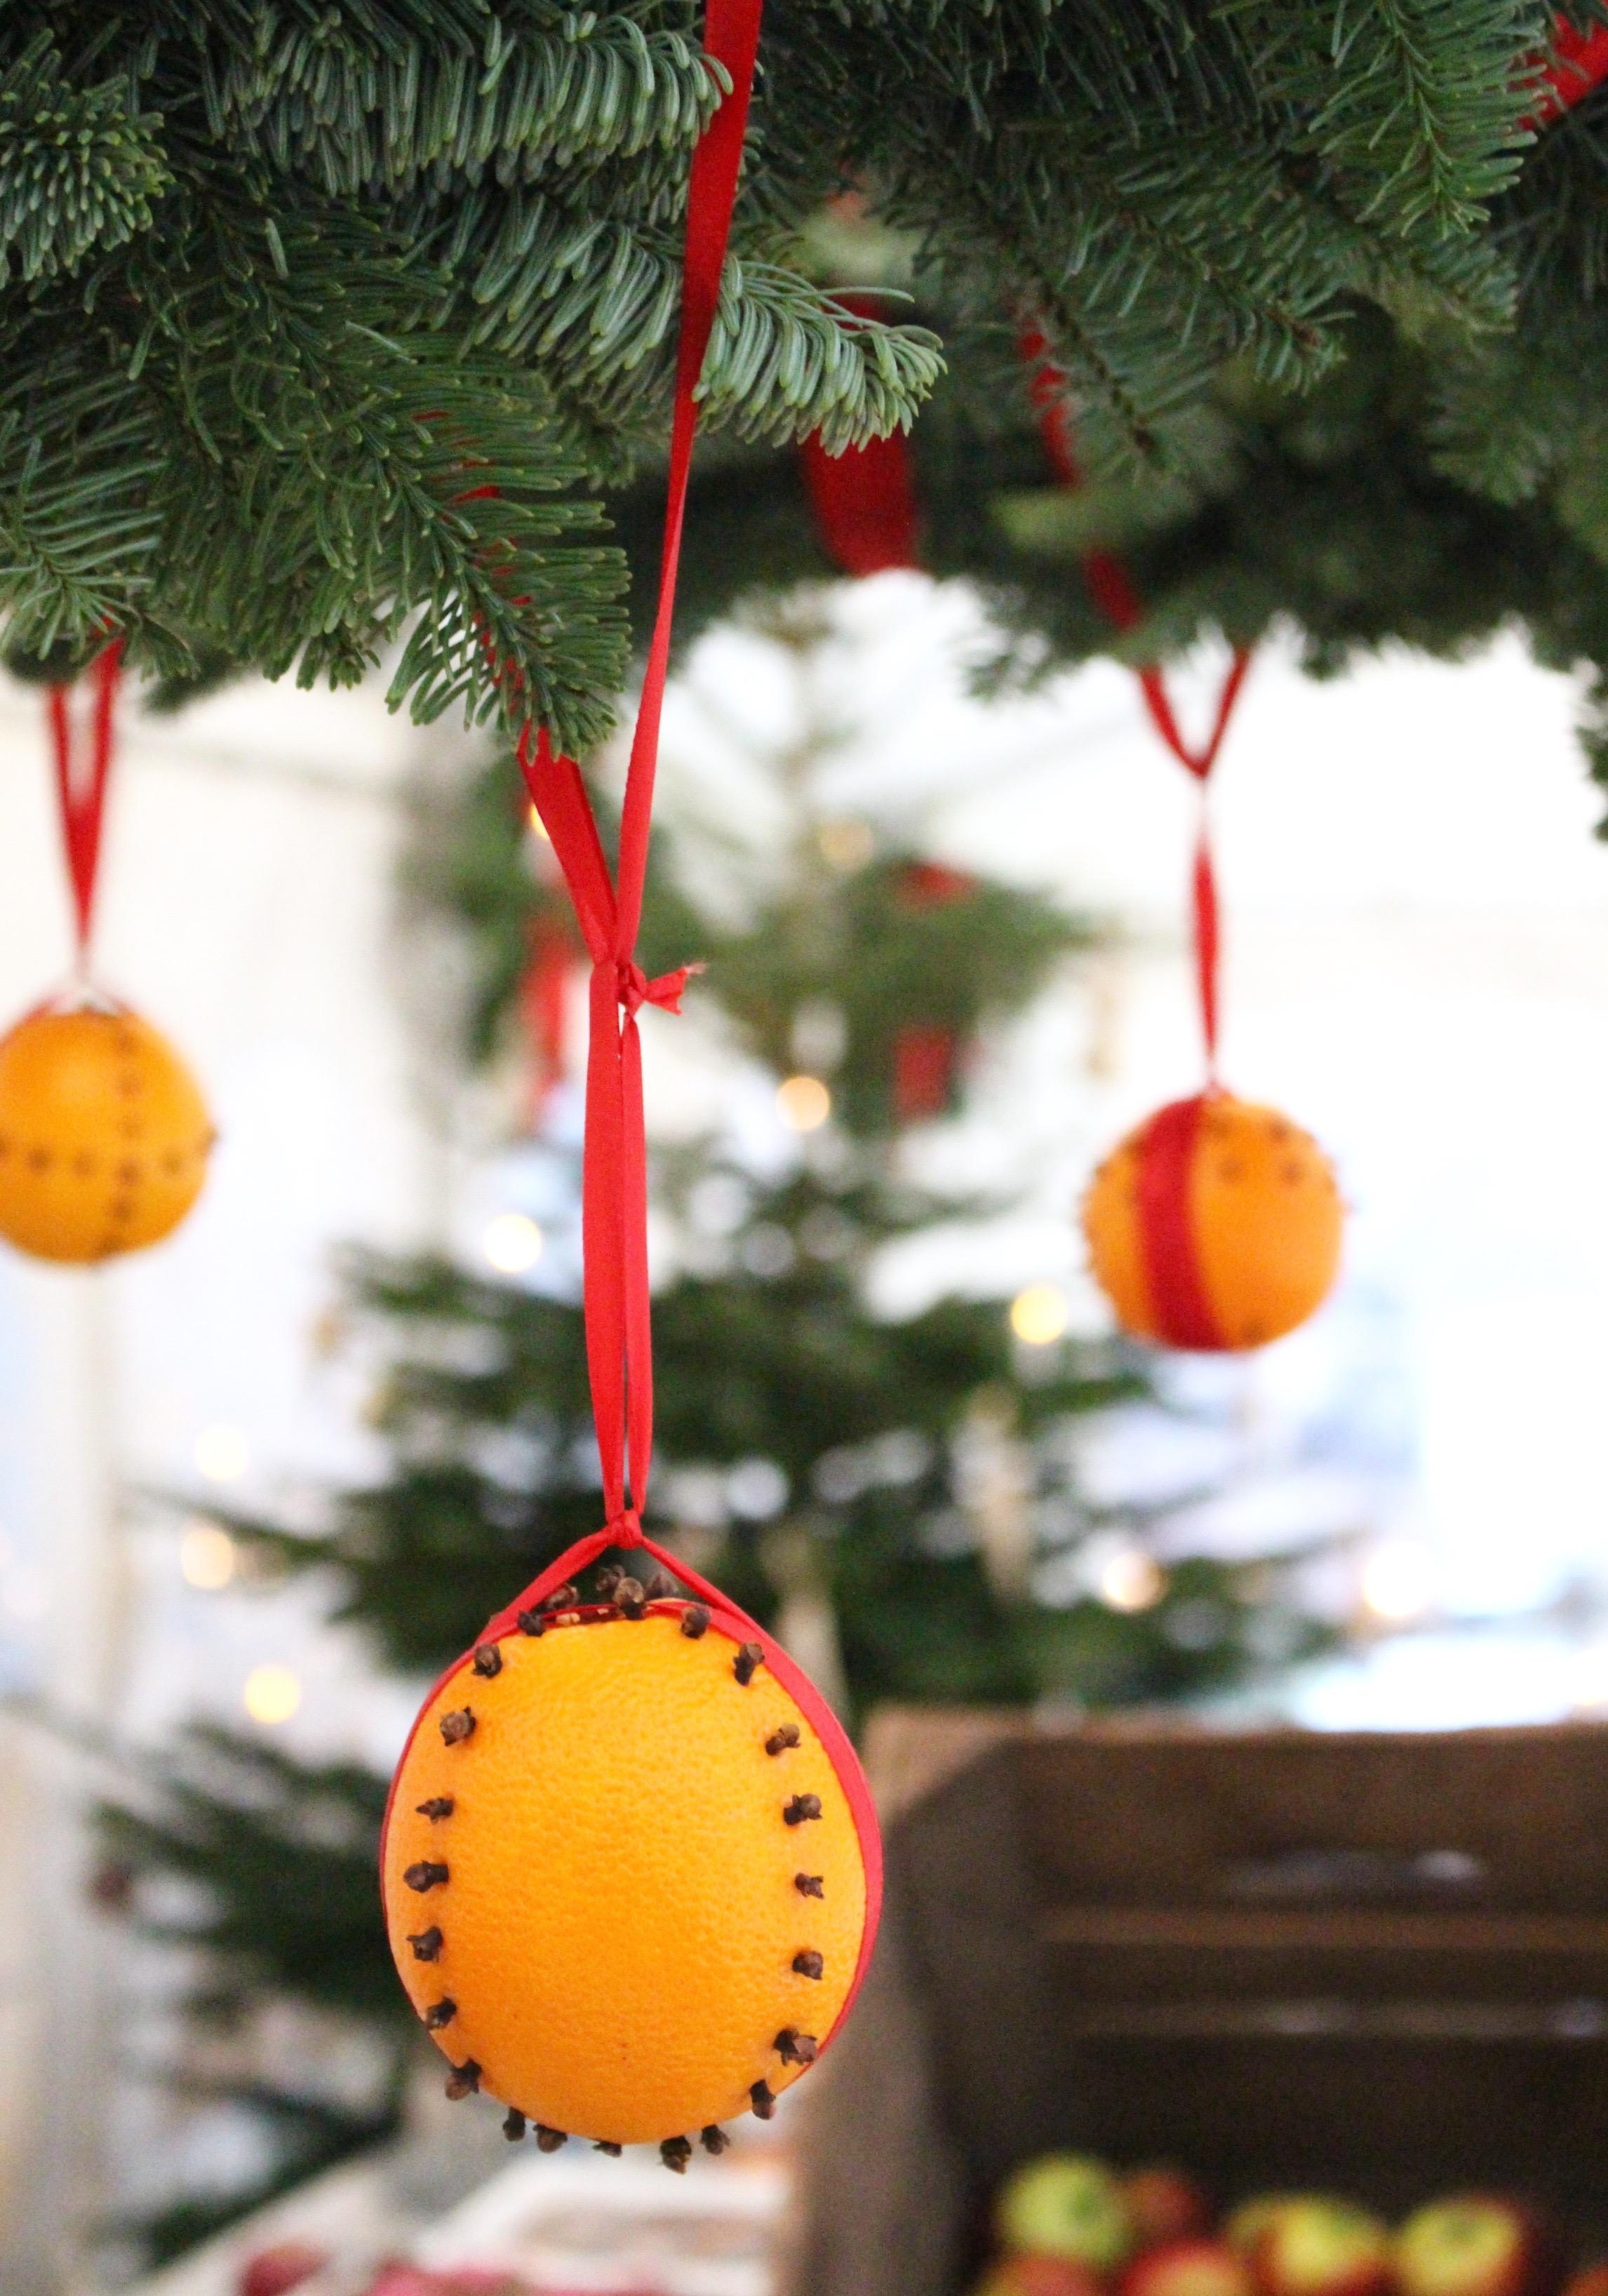 Julbord Skeppsholmen apelsin